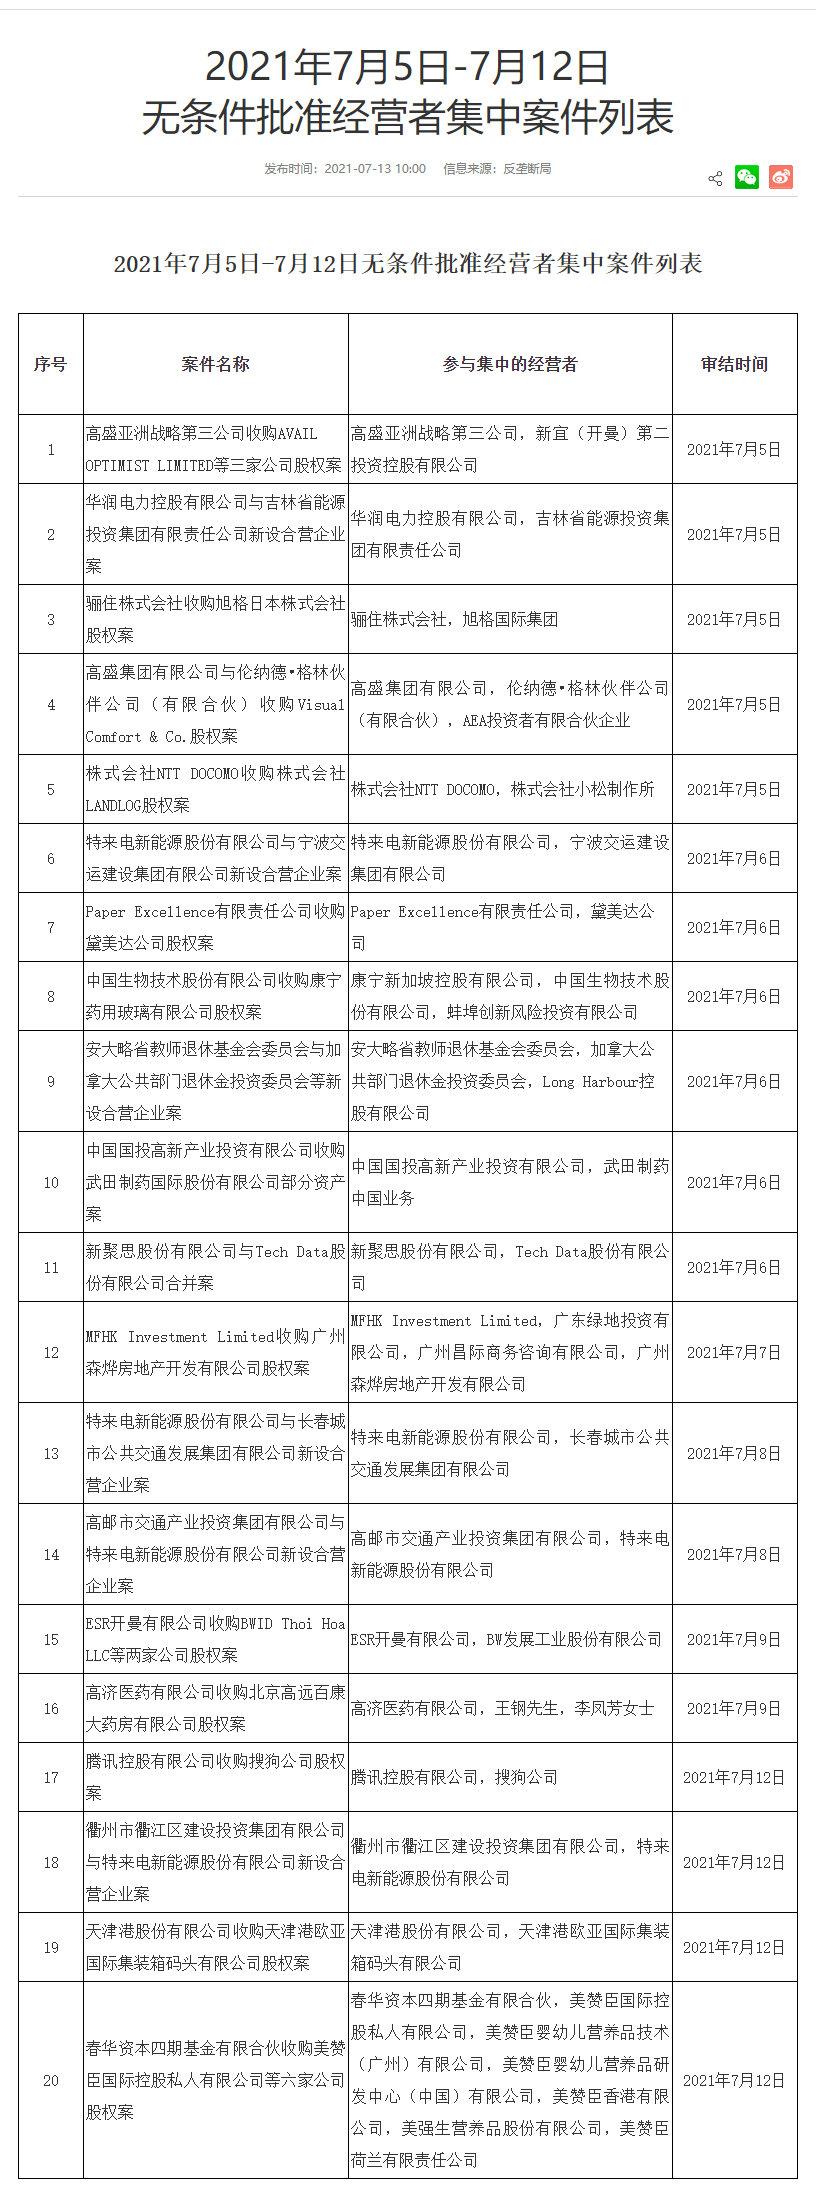 腾讯收购搜狗股权案获批,腾讯市值飙升超2500亿